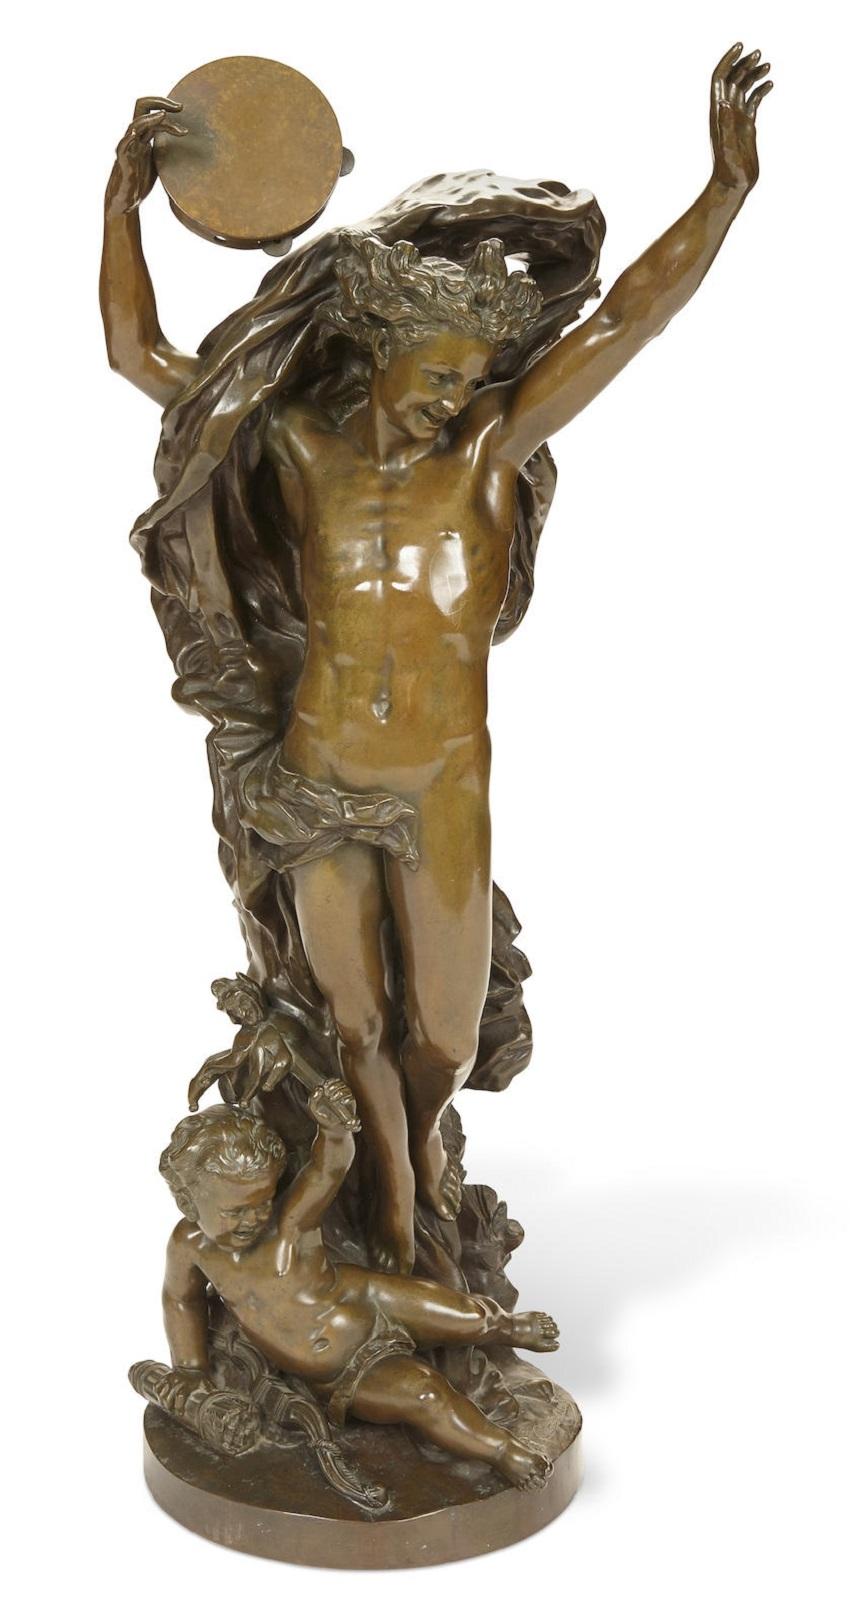 Jean-Baptiste Carpeaux Le Génie de la Danse, 1872.Jpeg